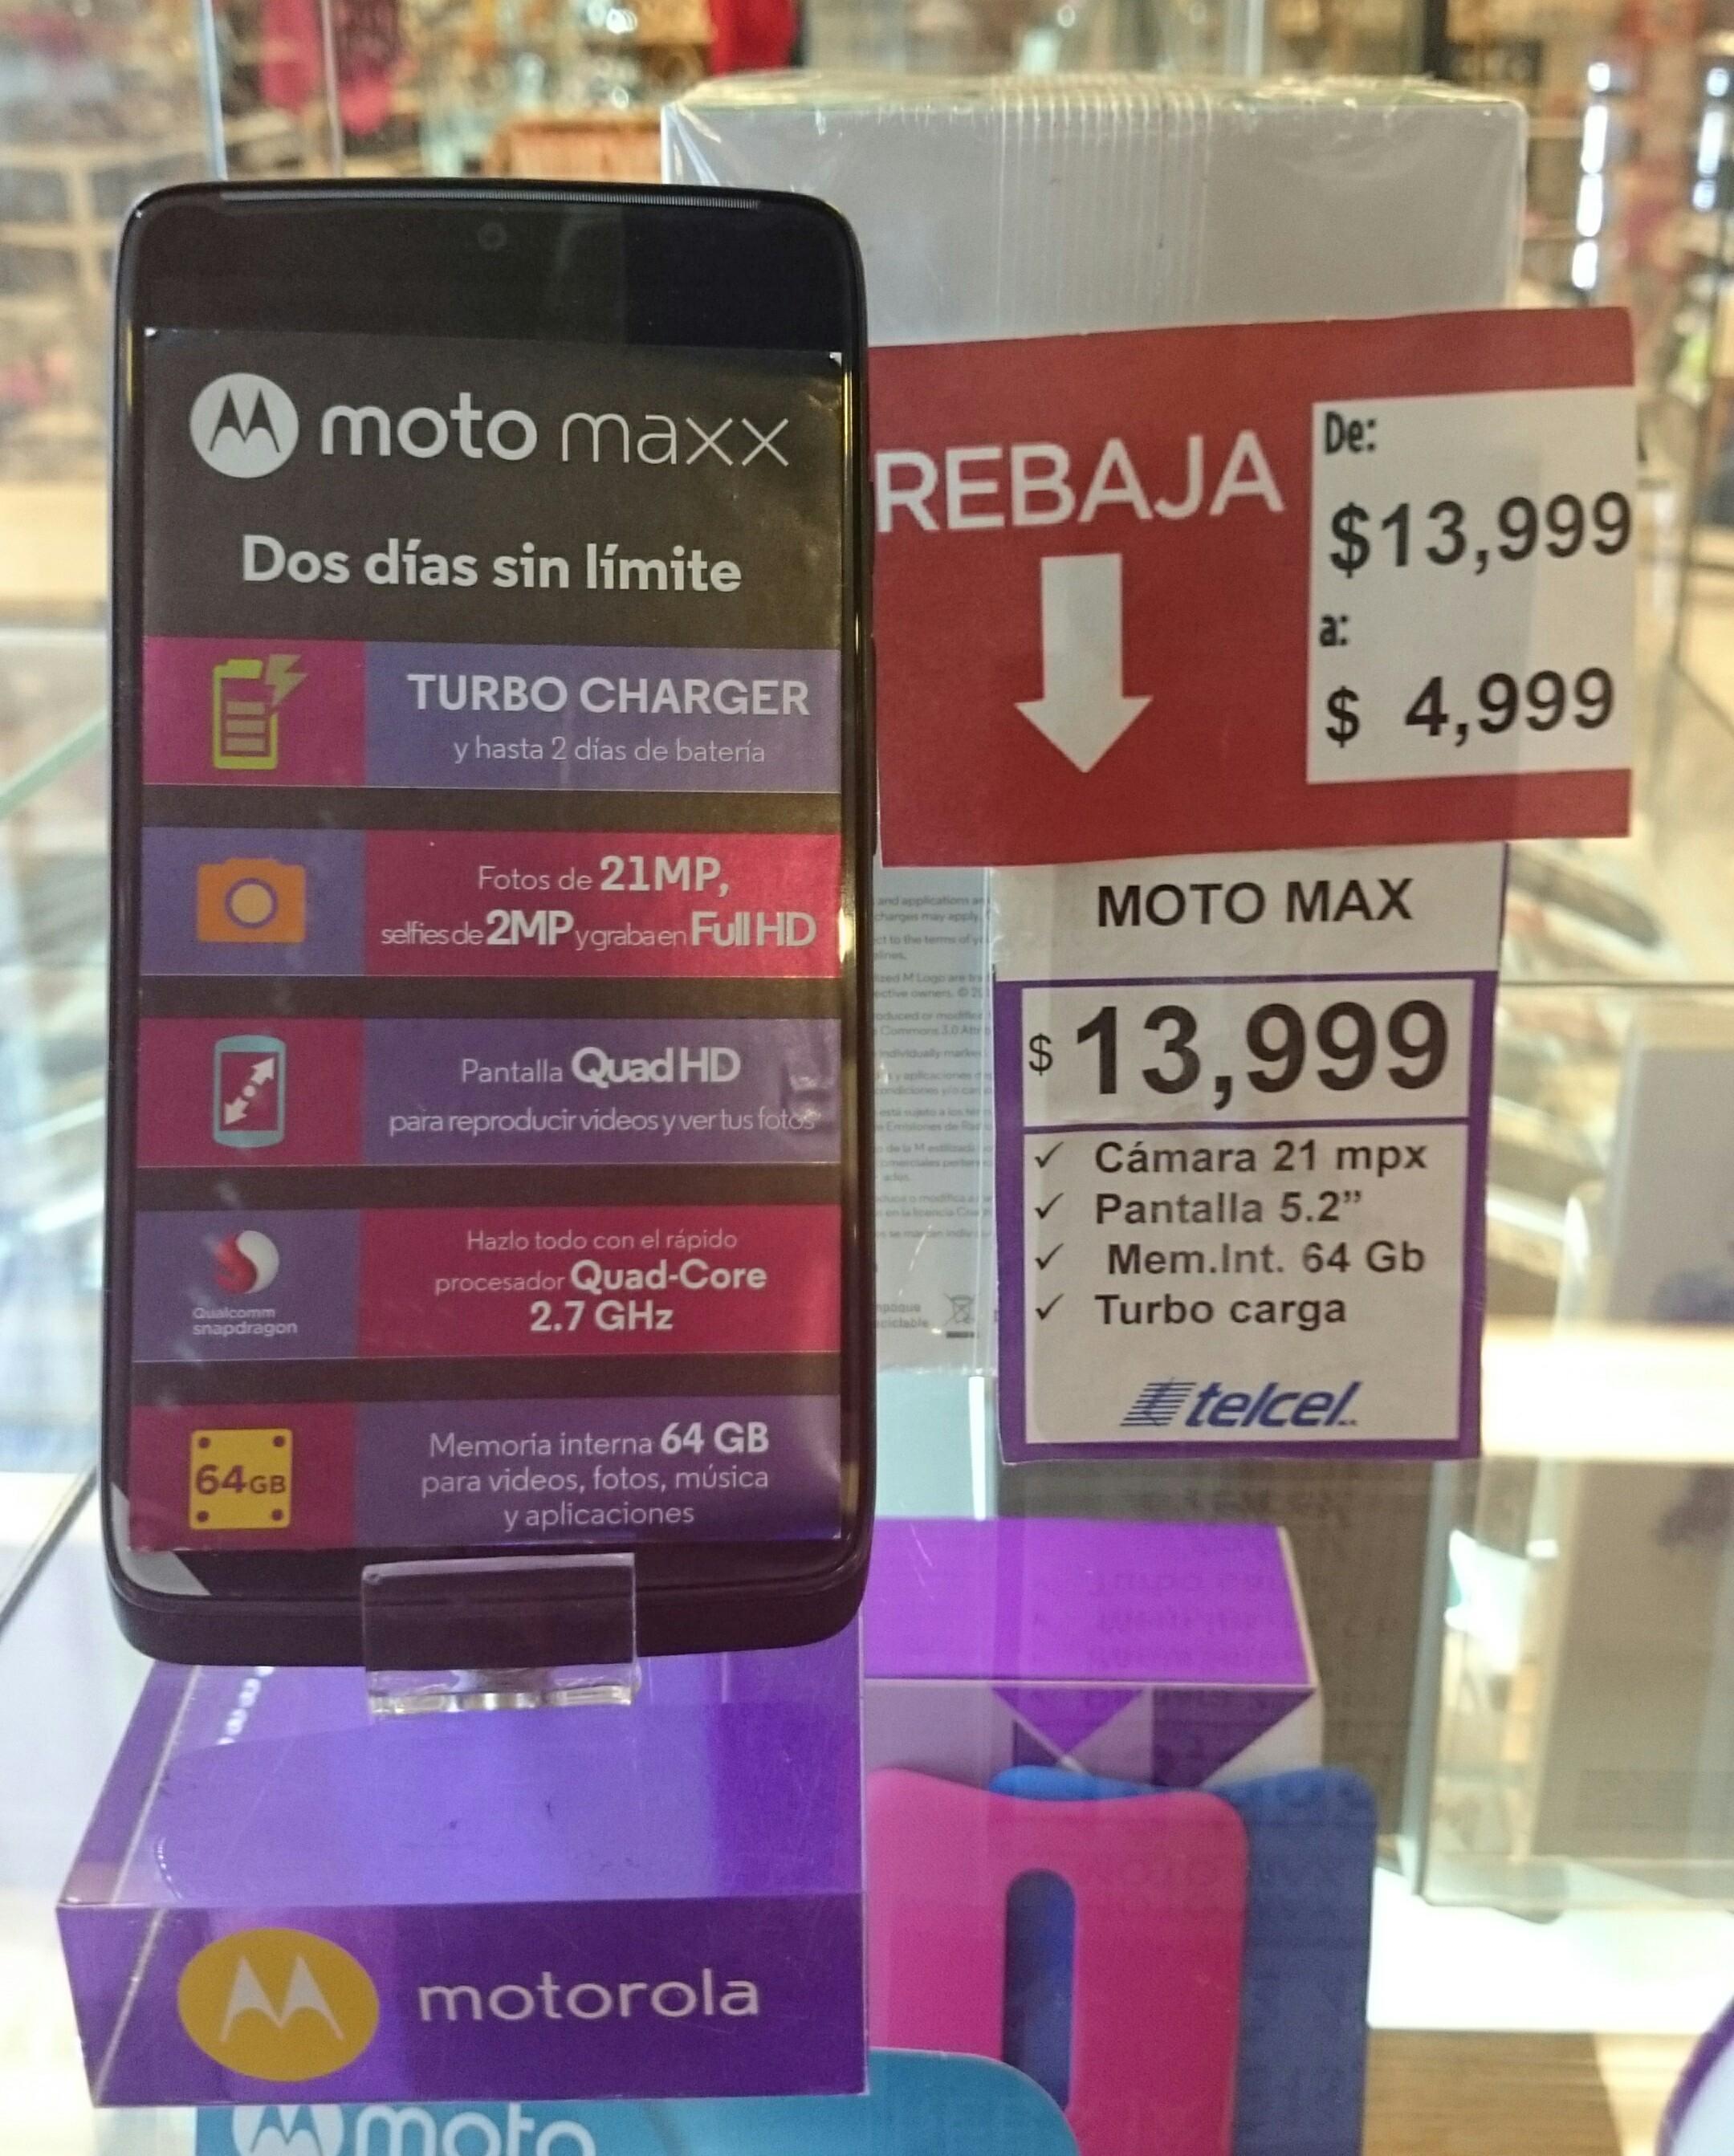 Suburbia Coacalco: Motorola Moto Maxx de 64Gb a $4,999